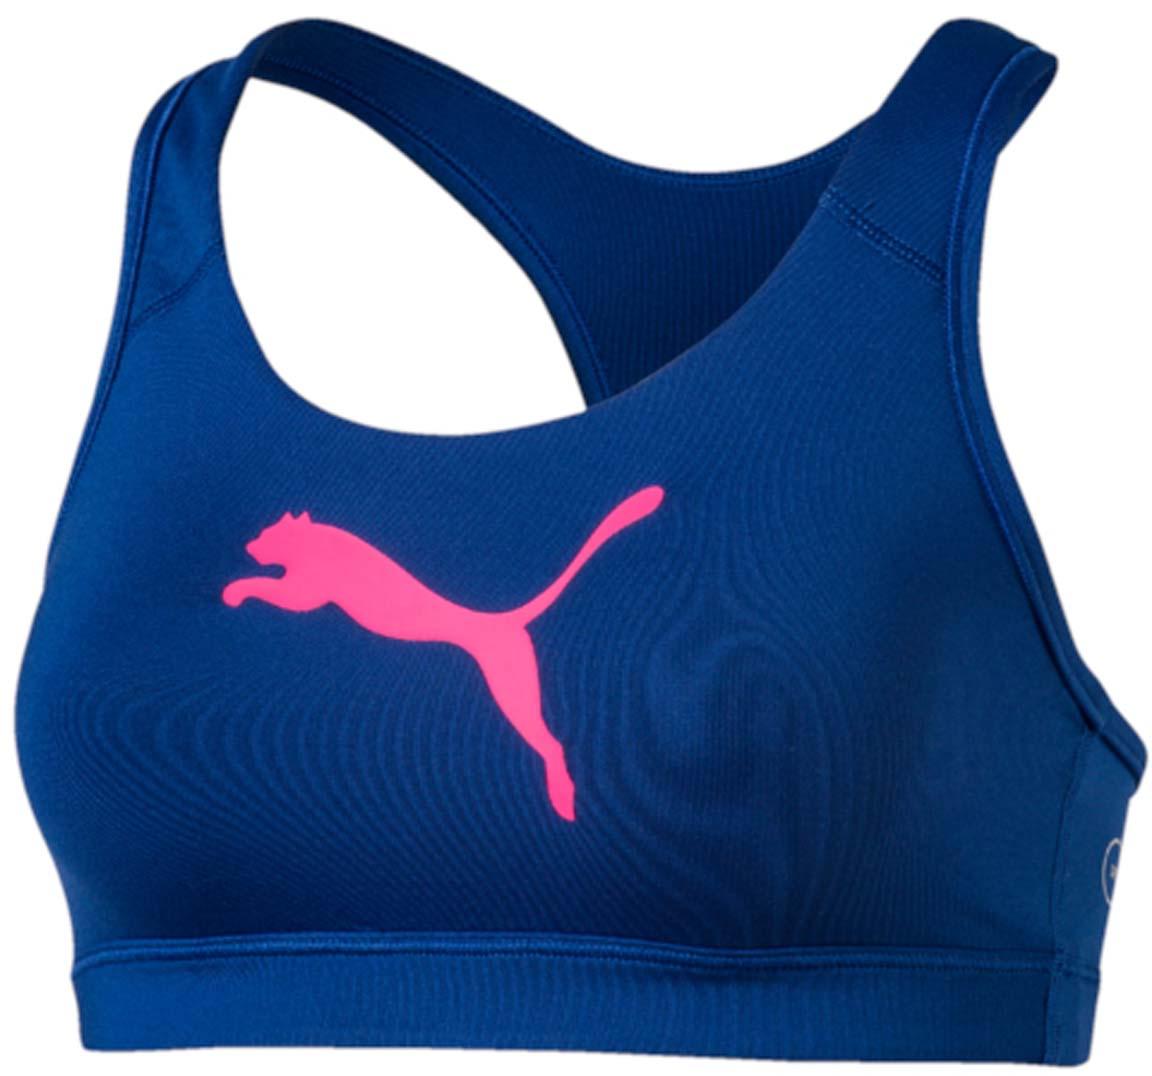 Топ-бра для фитнеса Puma PWRSHAPE Forever, цвет: синий, розовый. 513965_28. Размер XS (42)513965_28Этот спортивный бюстгальтер-топ станет вашей любимой моделью, потому что он - незаменимая часть вашего гардероба для занятий спортом и активного отдыха! Отличный дизайн обеспечивает универсальность, поэтому бюстгальтер можно надевать в тренажерный зал, на занятие всеми видами фитнеса, на пробежку. Дополнительные удобства создаются за счет использования высокофункциональной технологии dryCELL, которая отводит влагу, поддерживает тело сухим и гарантирует комфорт во время активных тренировок и занятий спортом. Наплечные лямки с мягкой подложкой, не перекрещивающиеся на спине, не натирают, не давят, а также обеспечивают полную свободу движений и удобство надевания изделия благодаря функциональному крою спины. Отделка низа сверхэластичным плотным материалом создает дополнительную поддержку. Бюстгальтер декорирован спереди логотипом PUMA из светоотражающего материала, нанесенным методом термопечати, благодаря которому вас лучше видно в темное время суток. На нижний край изделия методом термопечати нанесен логотип dryCELL. Модель подходит для всех видов физической активности.